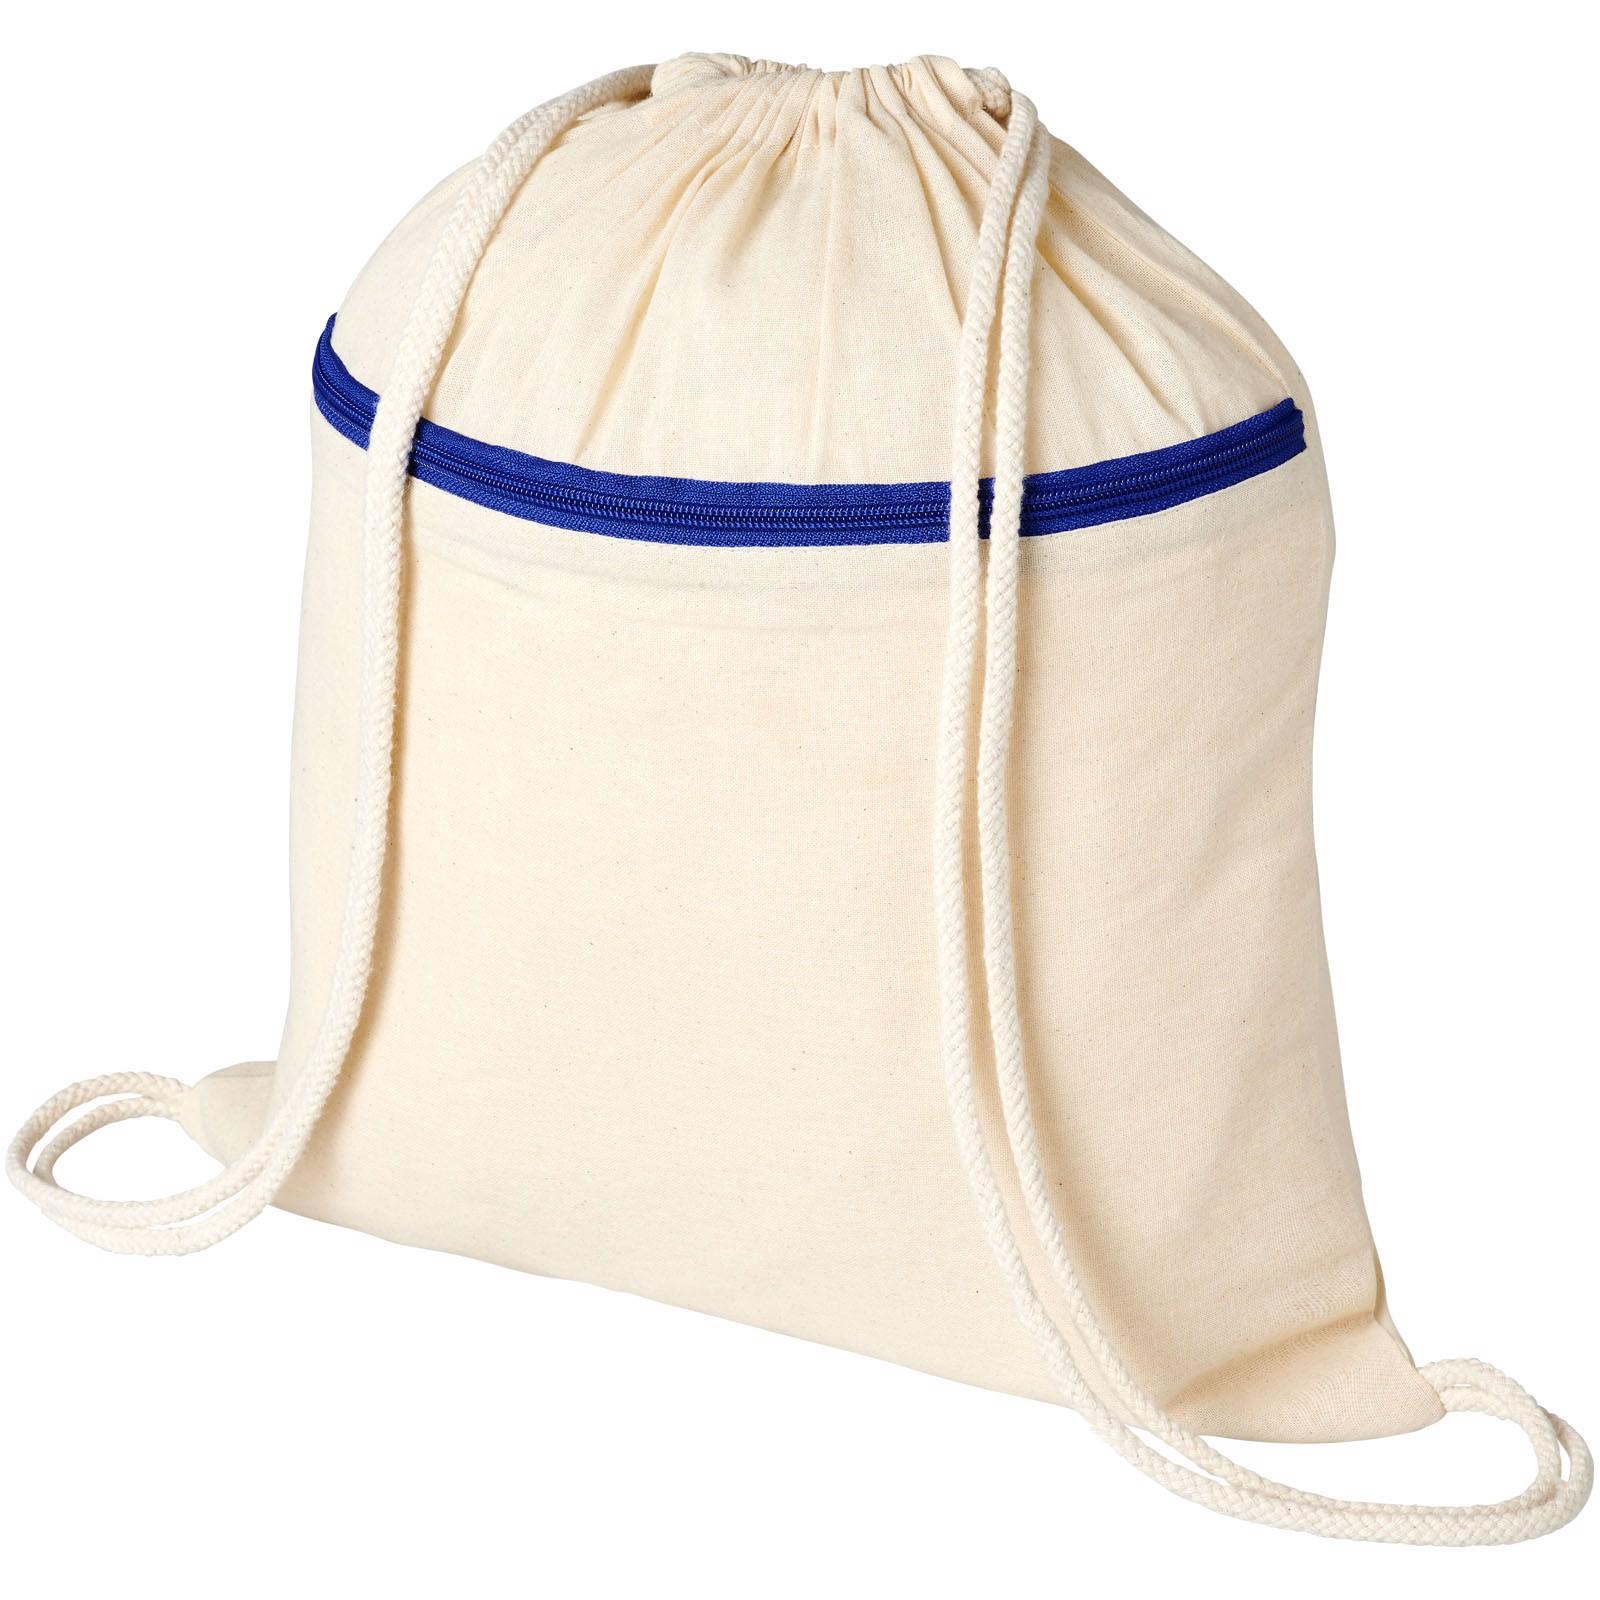 Oregon šňůrkový batoh se zipem - Přírodní / Světle modrá